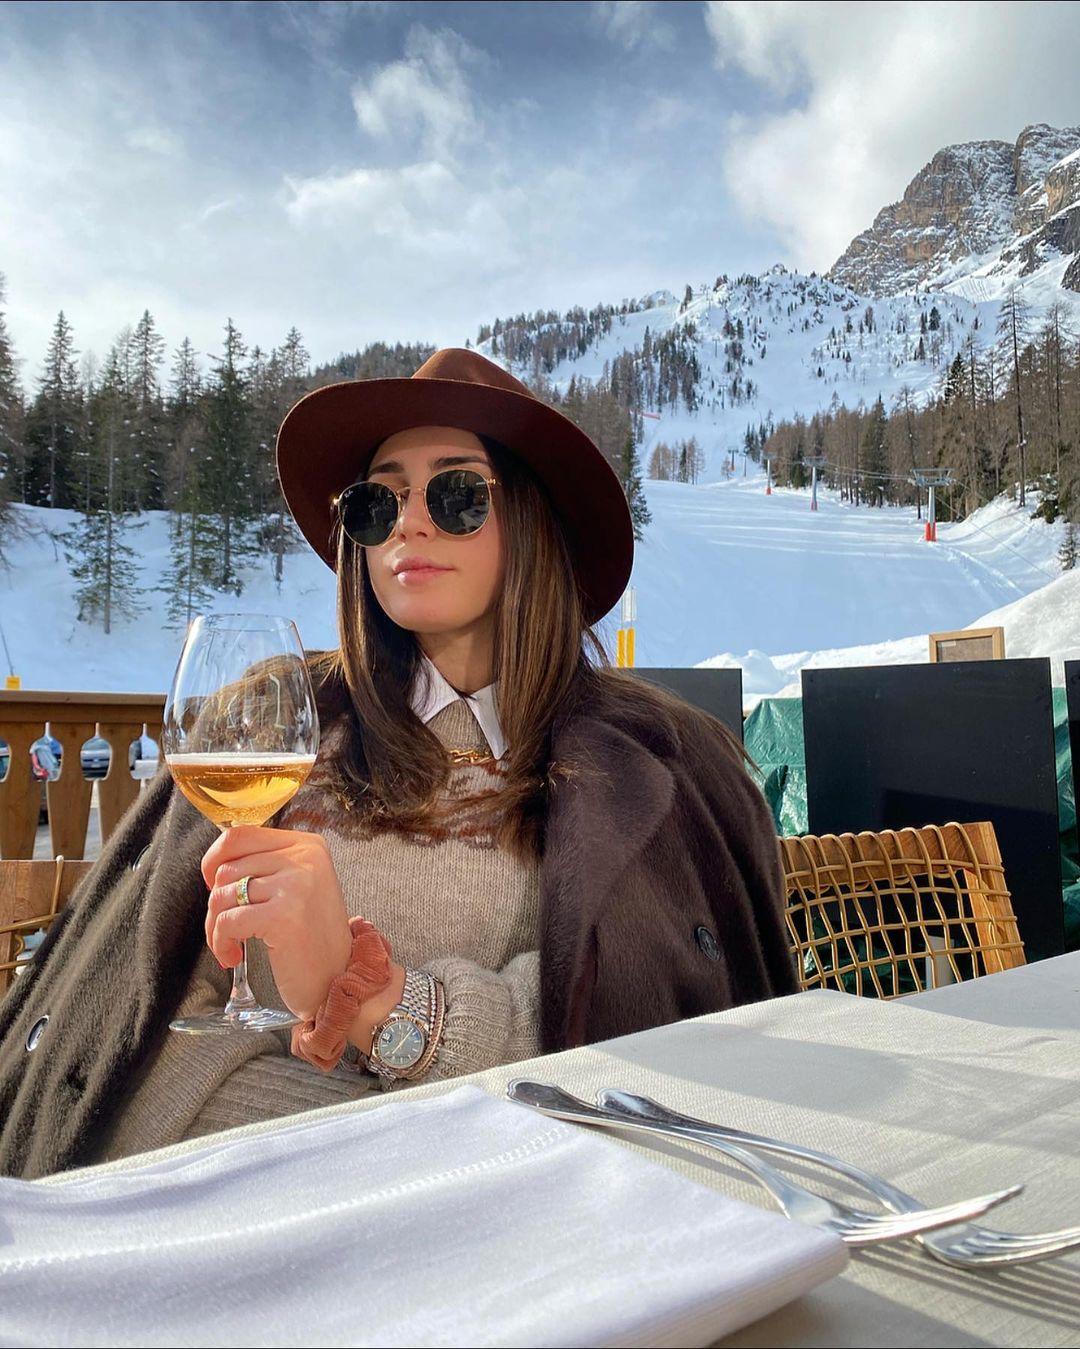 Cortina d'Ampezzoliburan musim salju eropa